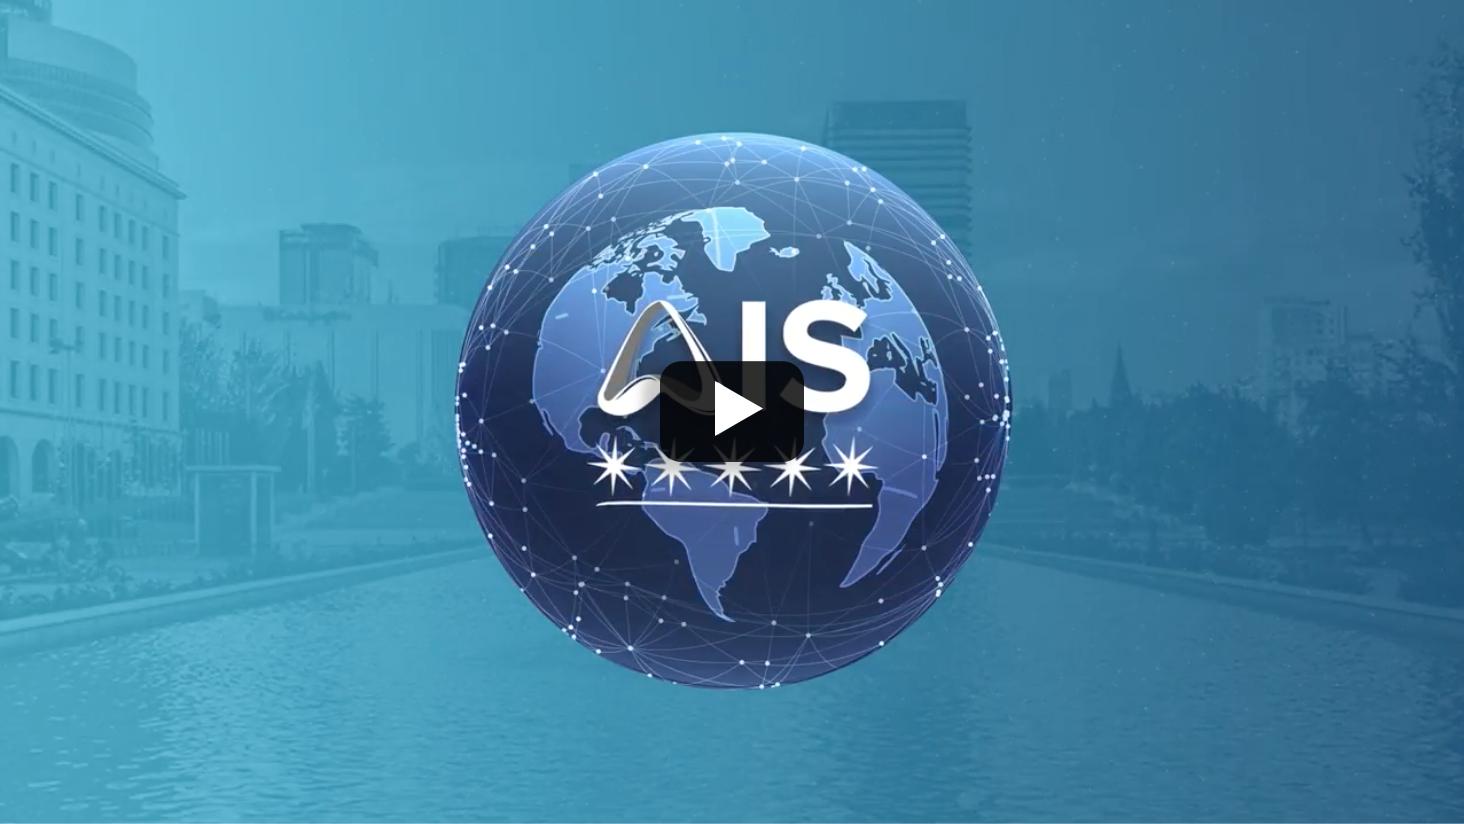 Imagen de reproductor de youtube, al pinchar abrirá una nueva página con el vídeo de Presentación AIS. Para acceder al vídeo audiodescrito (realizado por ARISTIA) pulsar botón inferior.